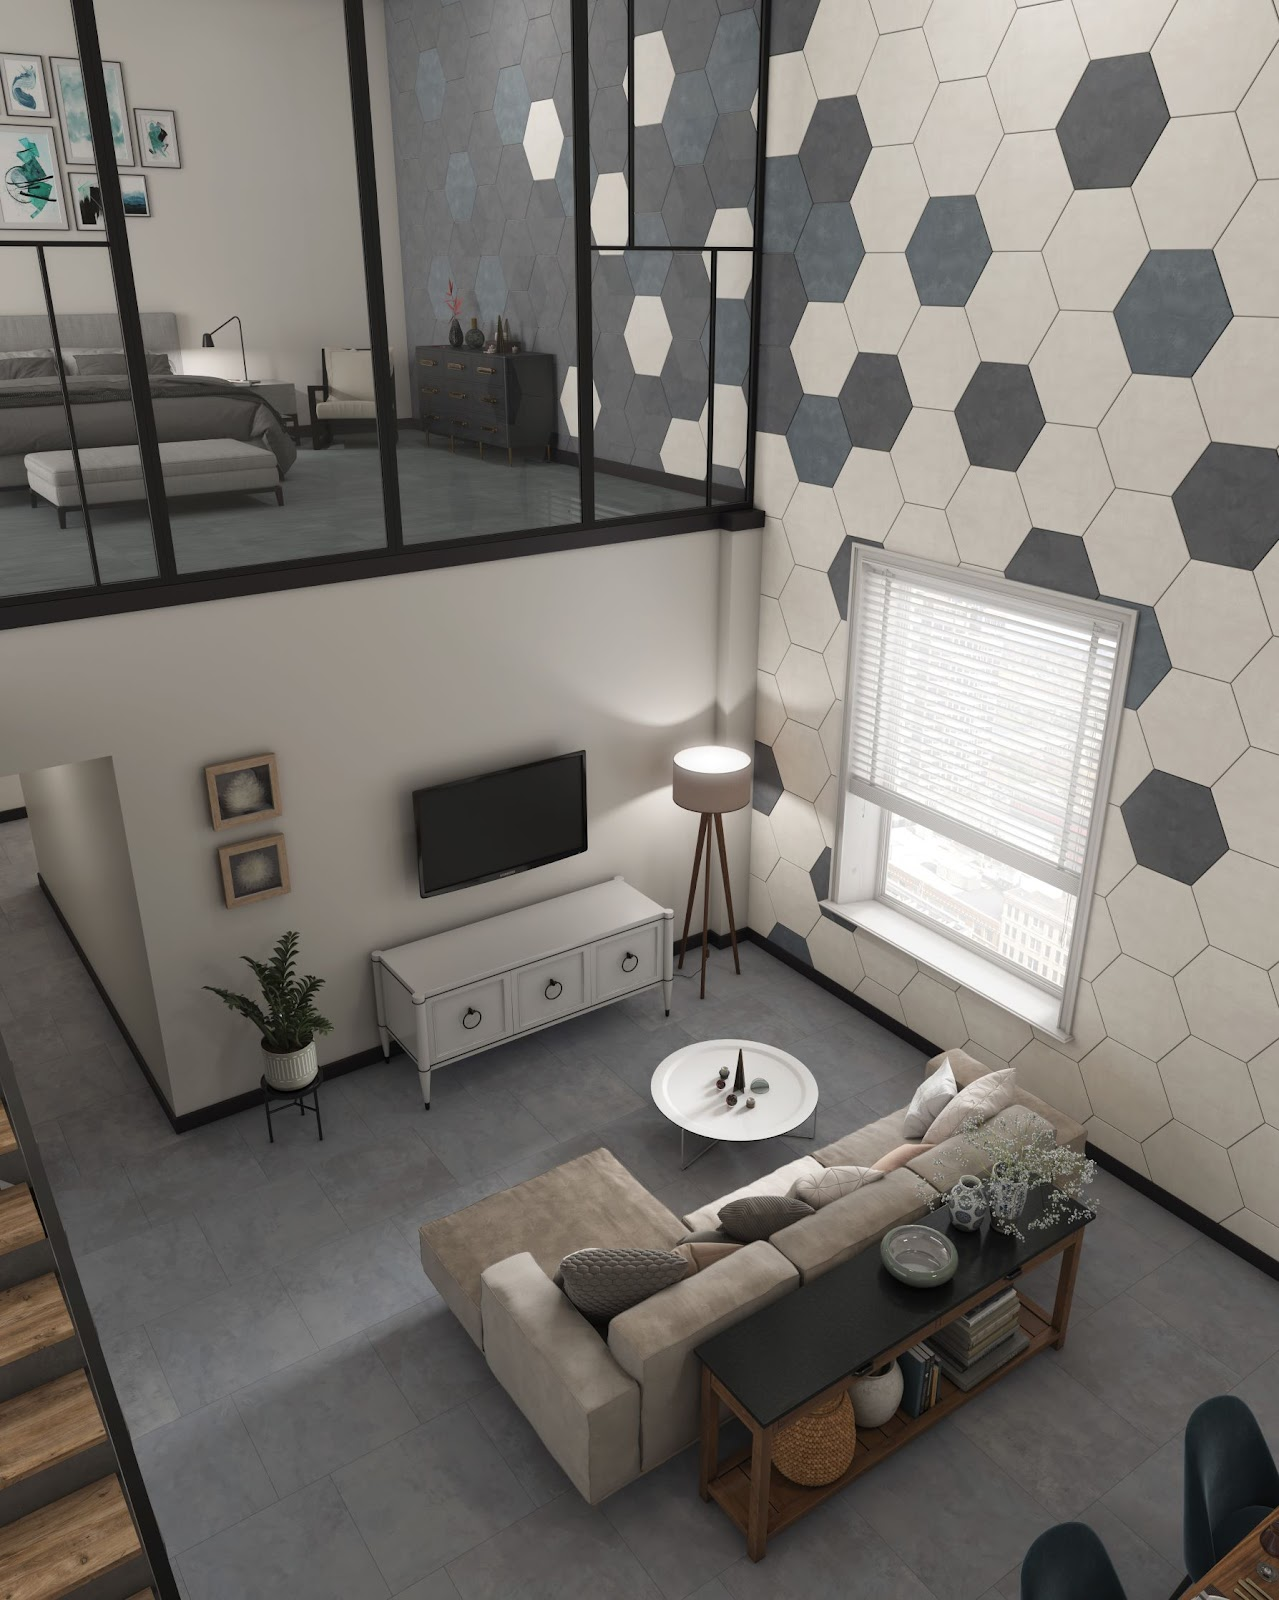 Large hexagon wall tile